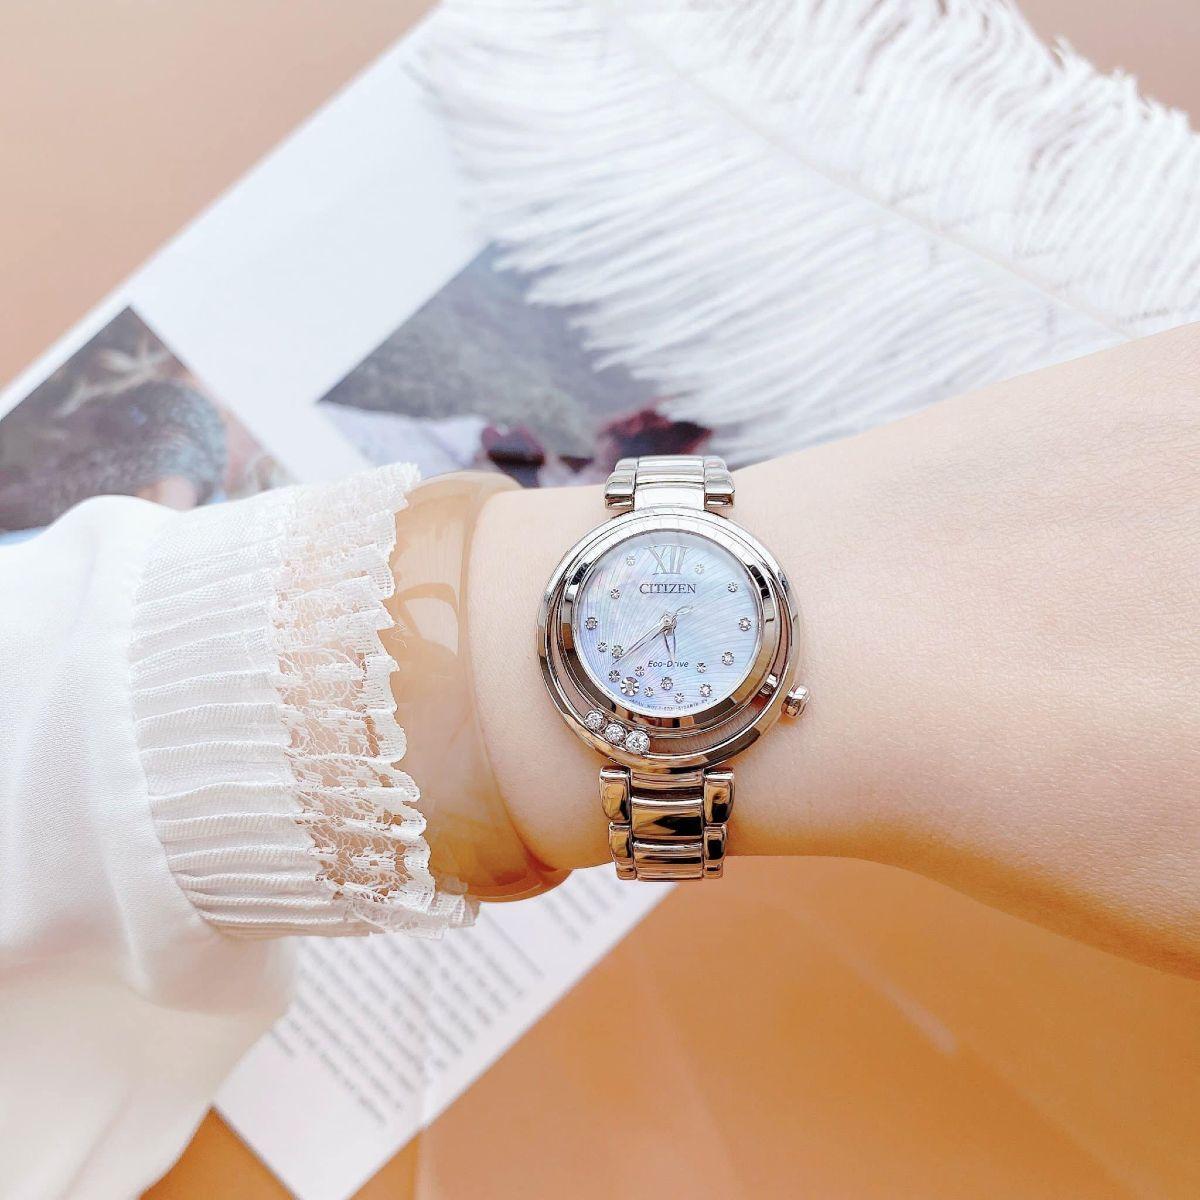 Cách phối đồ nữ siêu dễ với đồng hồ đeo tay  - Ảnh 5